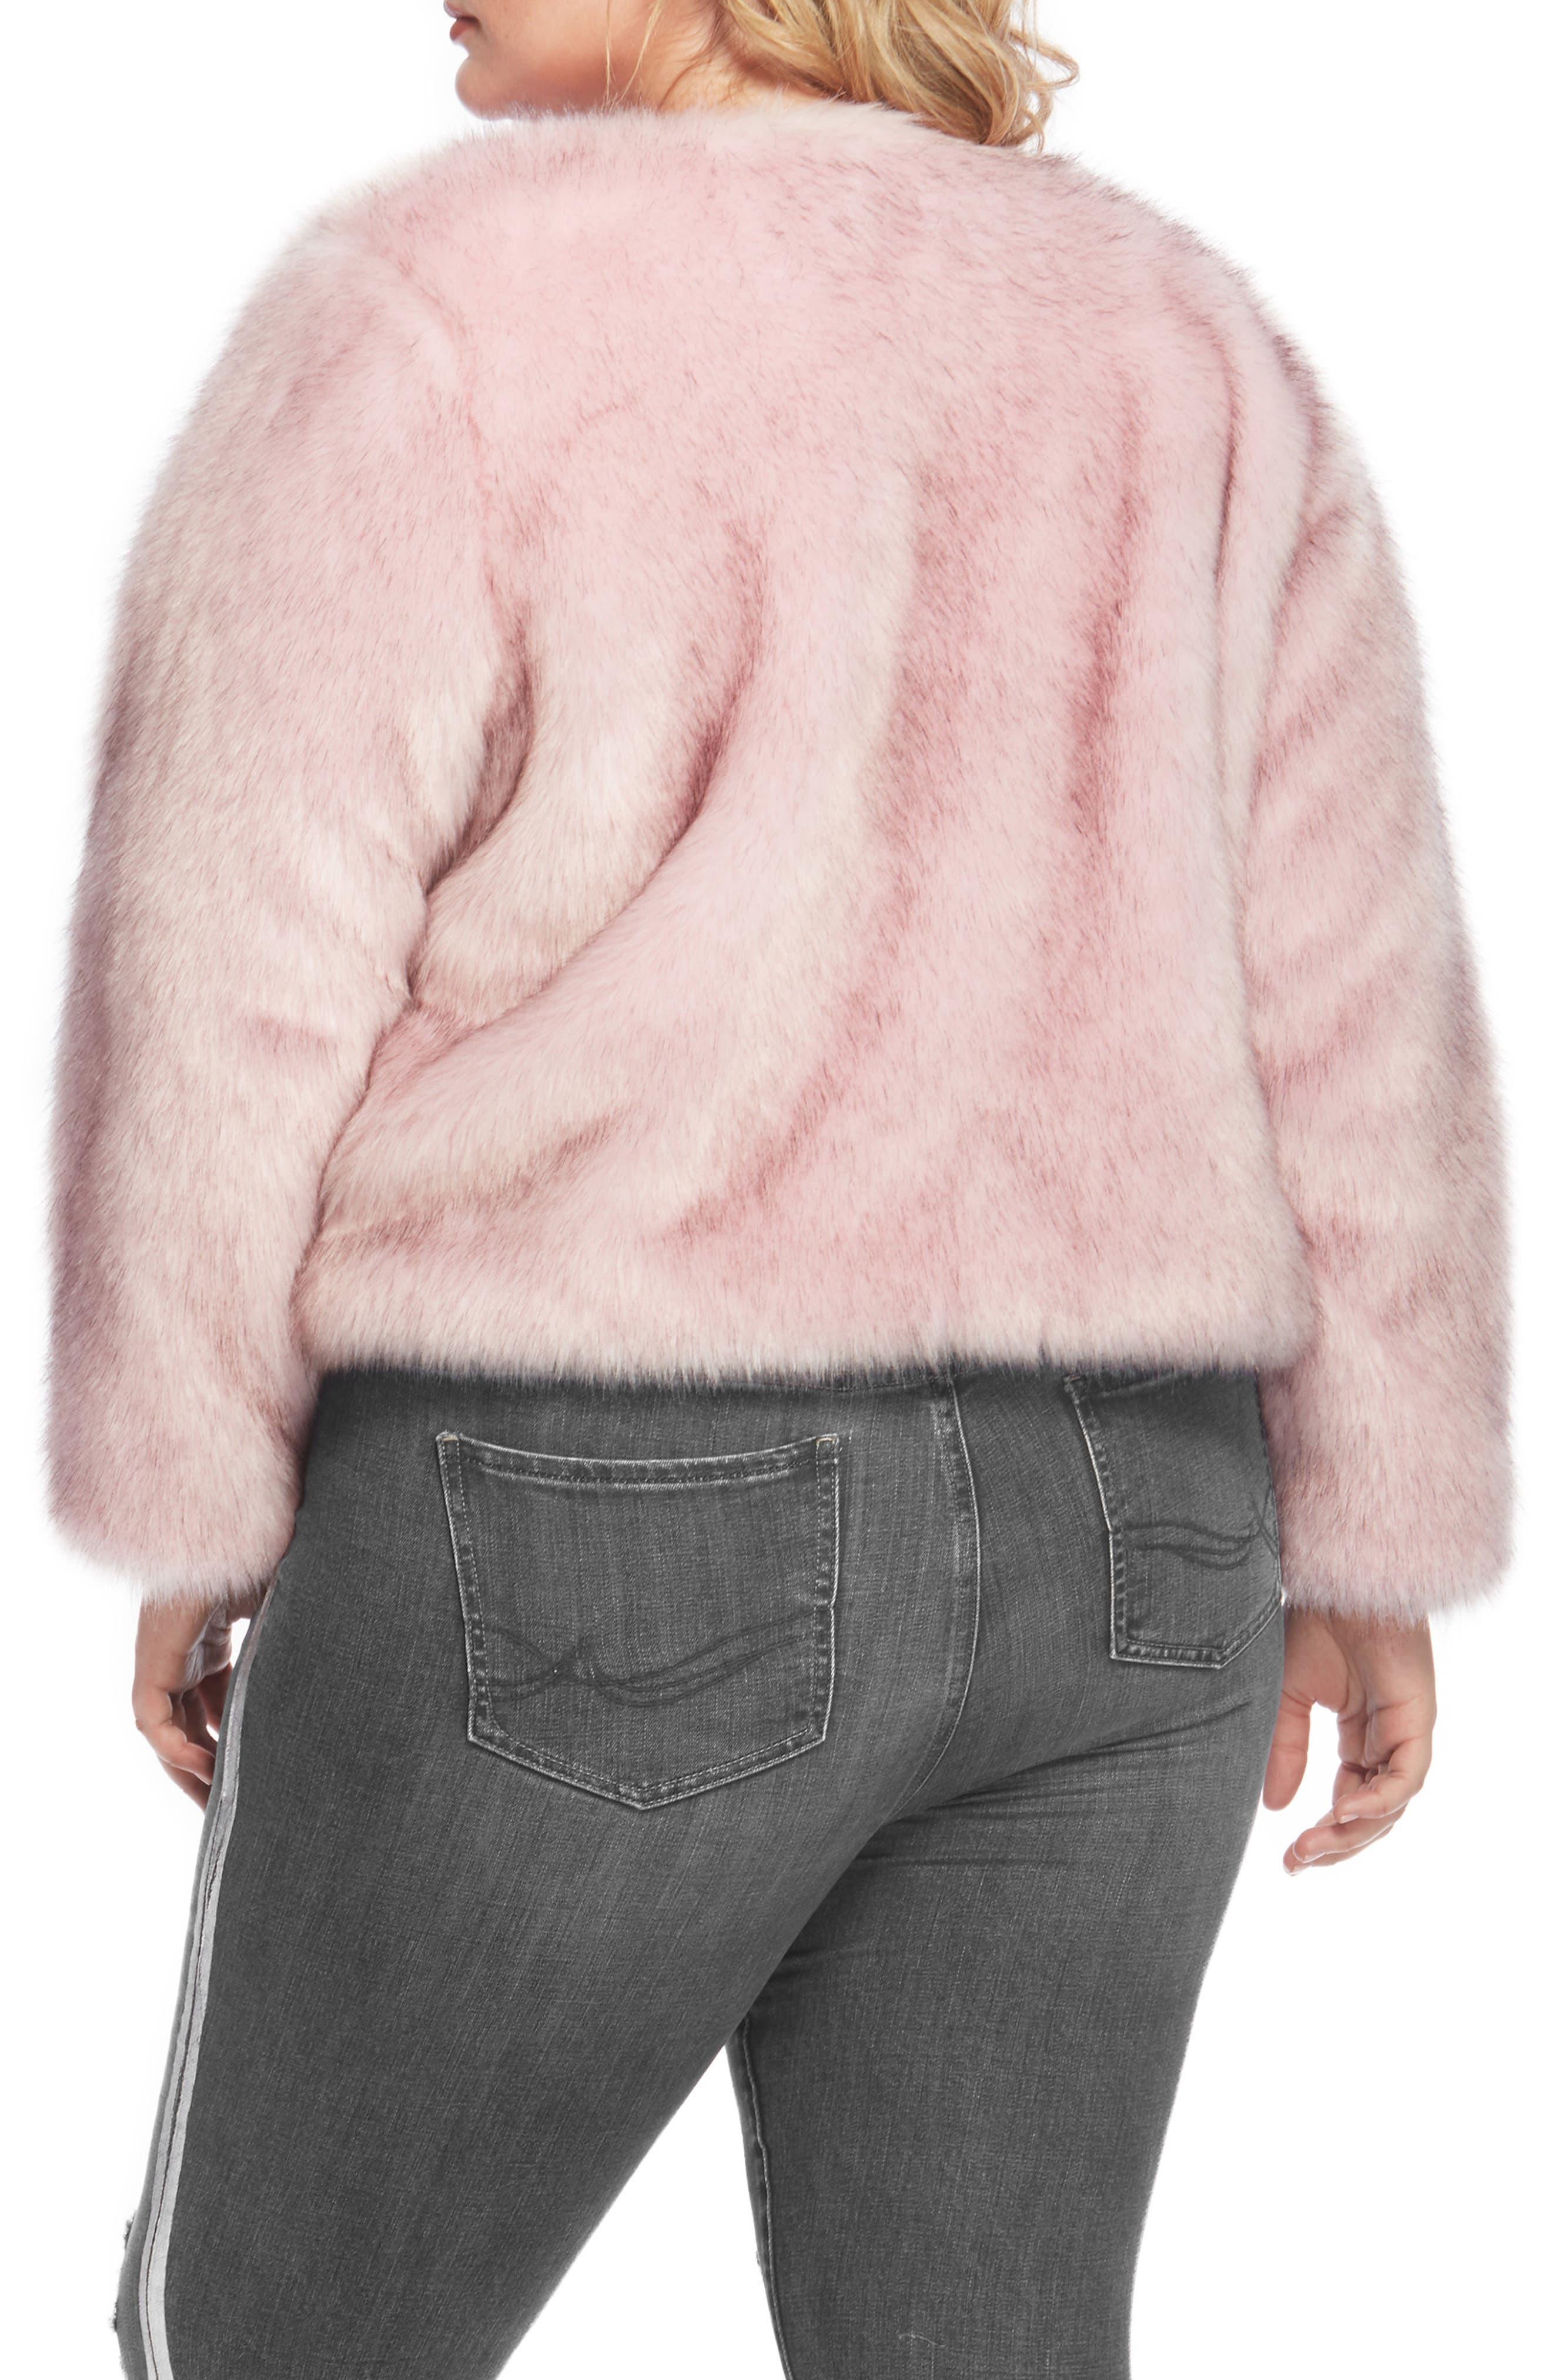 Faux Fur Jacket,                             Alternate thumbnail 6, color,